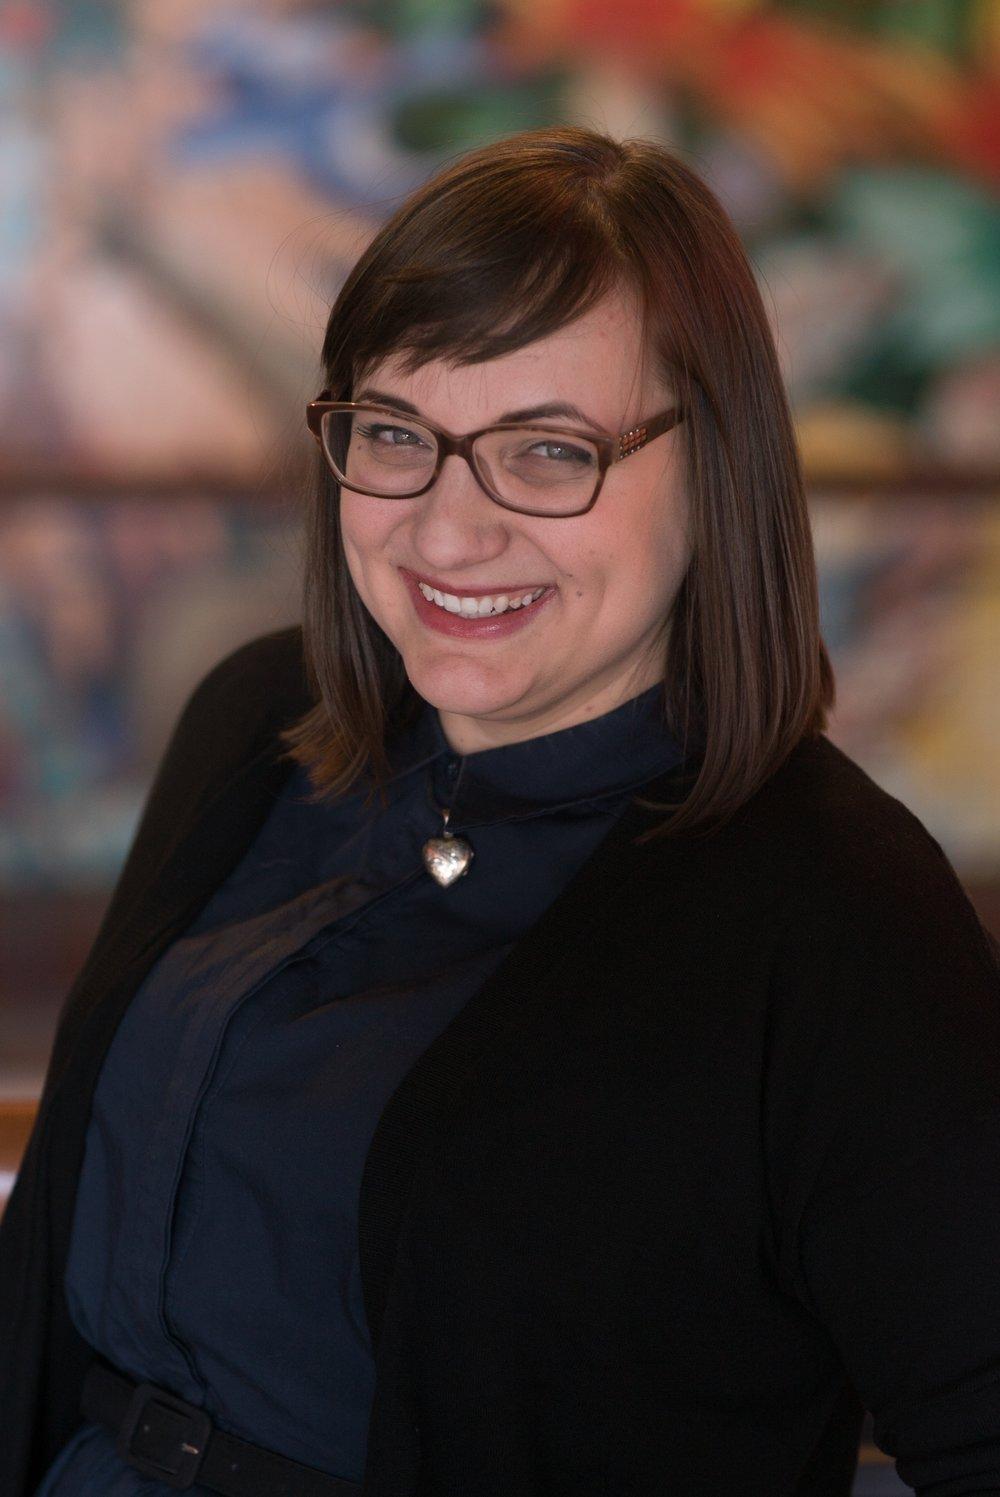 Kylene Spade, Associate Editor